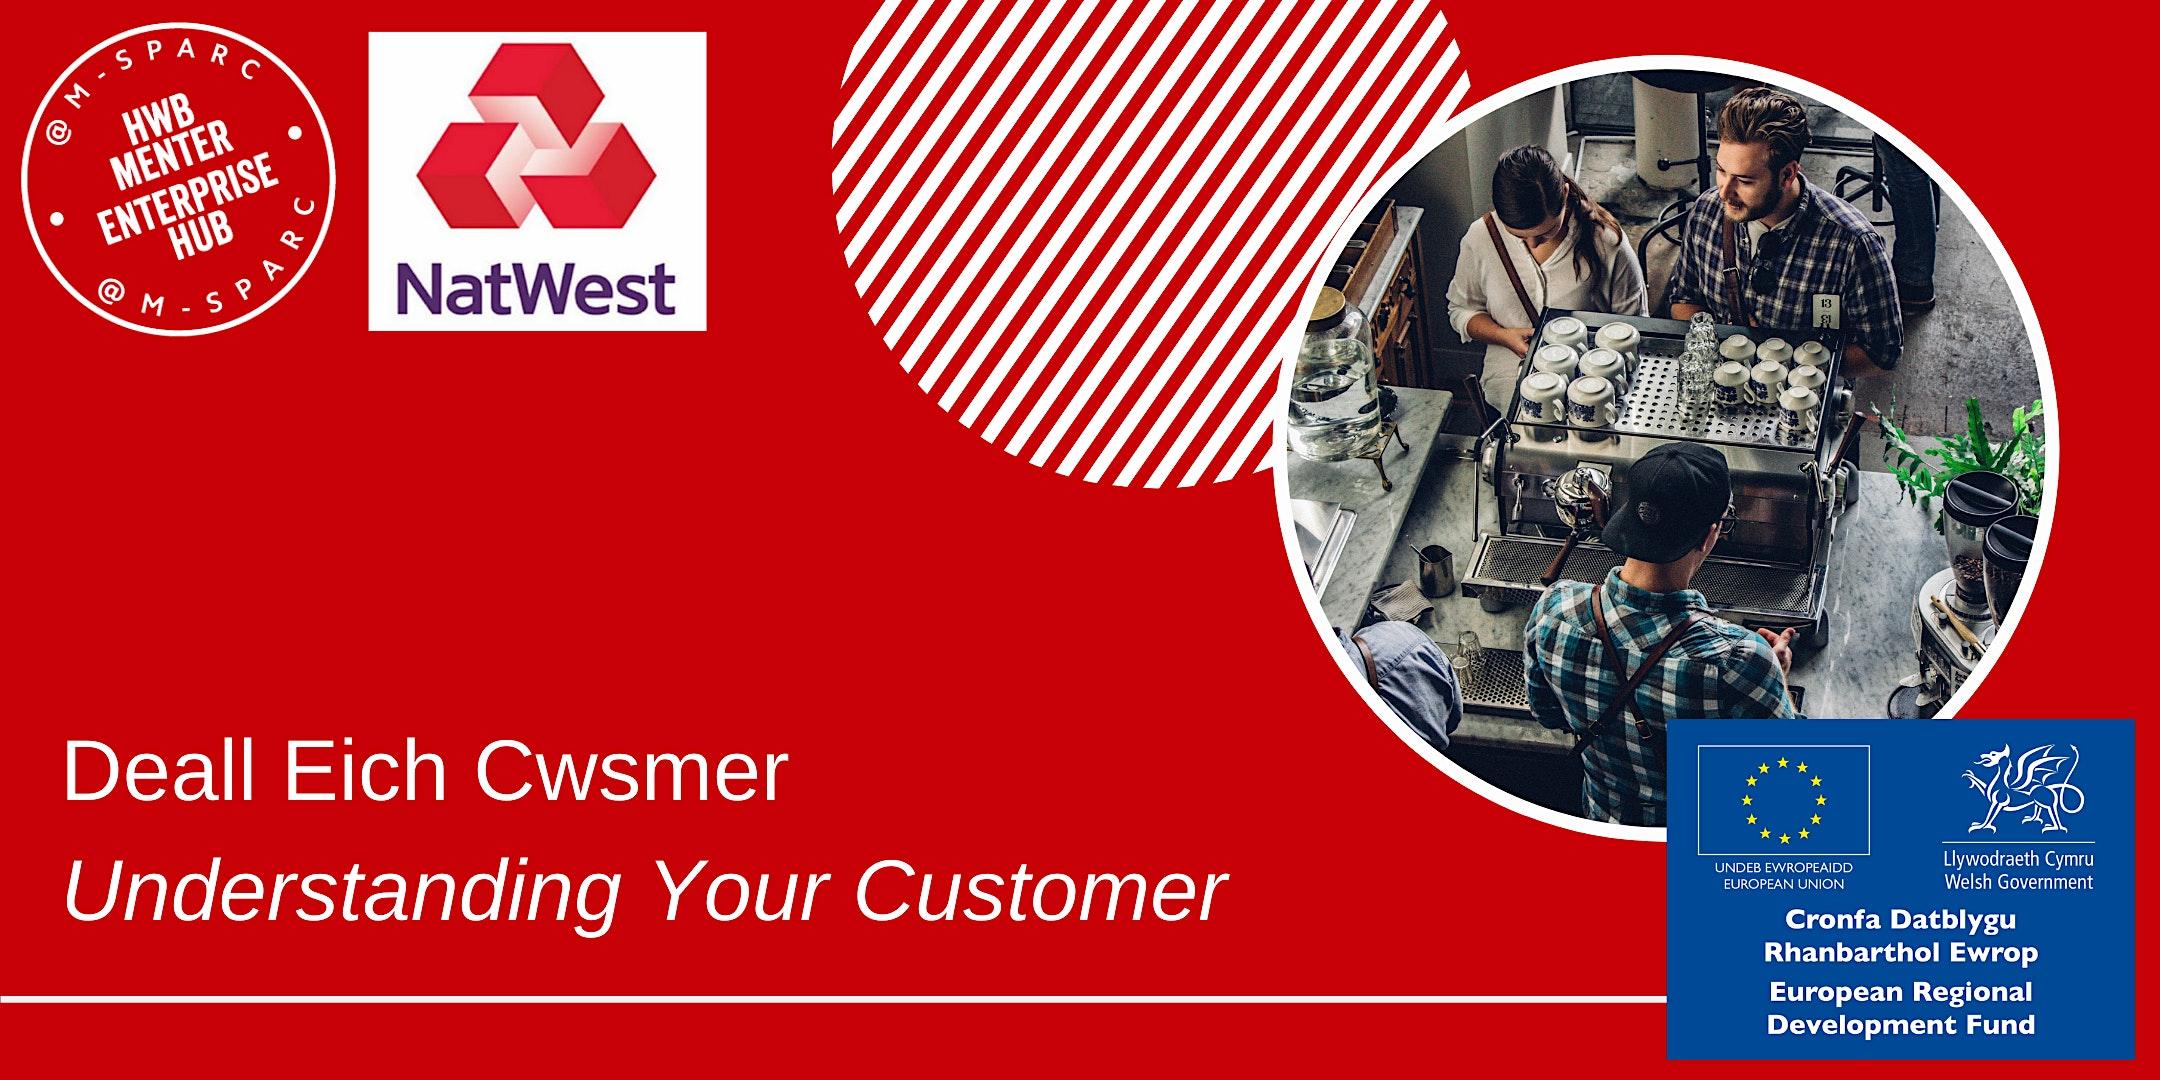 ONLINE - Deall Eich Cwsmer / Understanding Your Customer